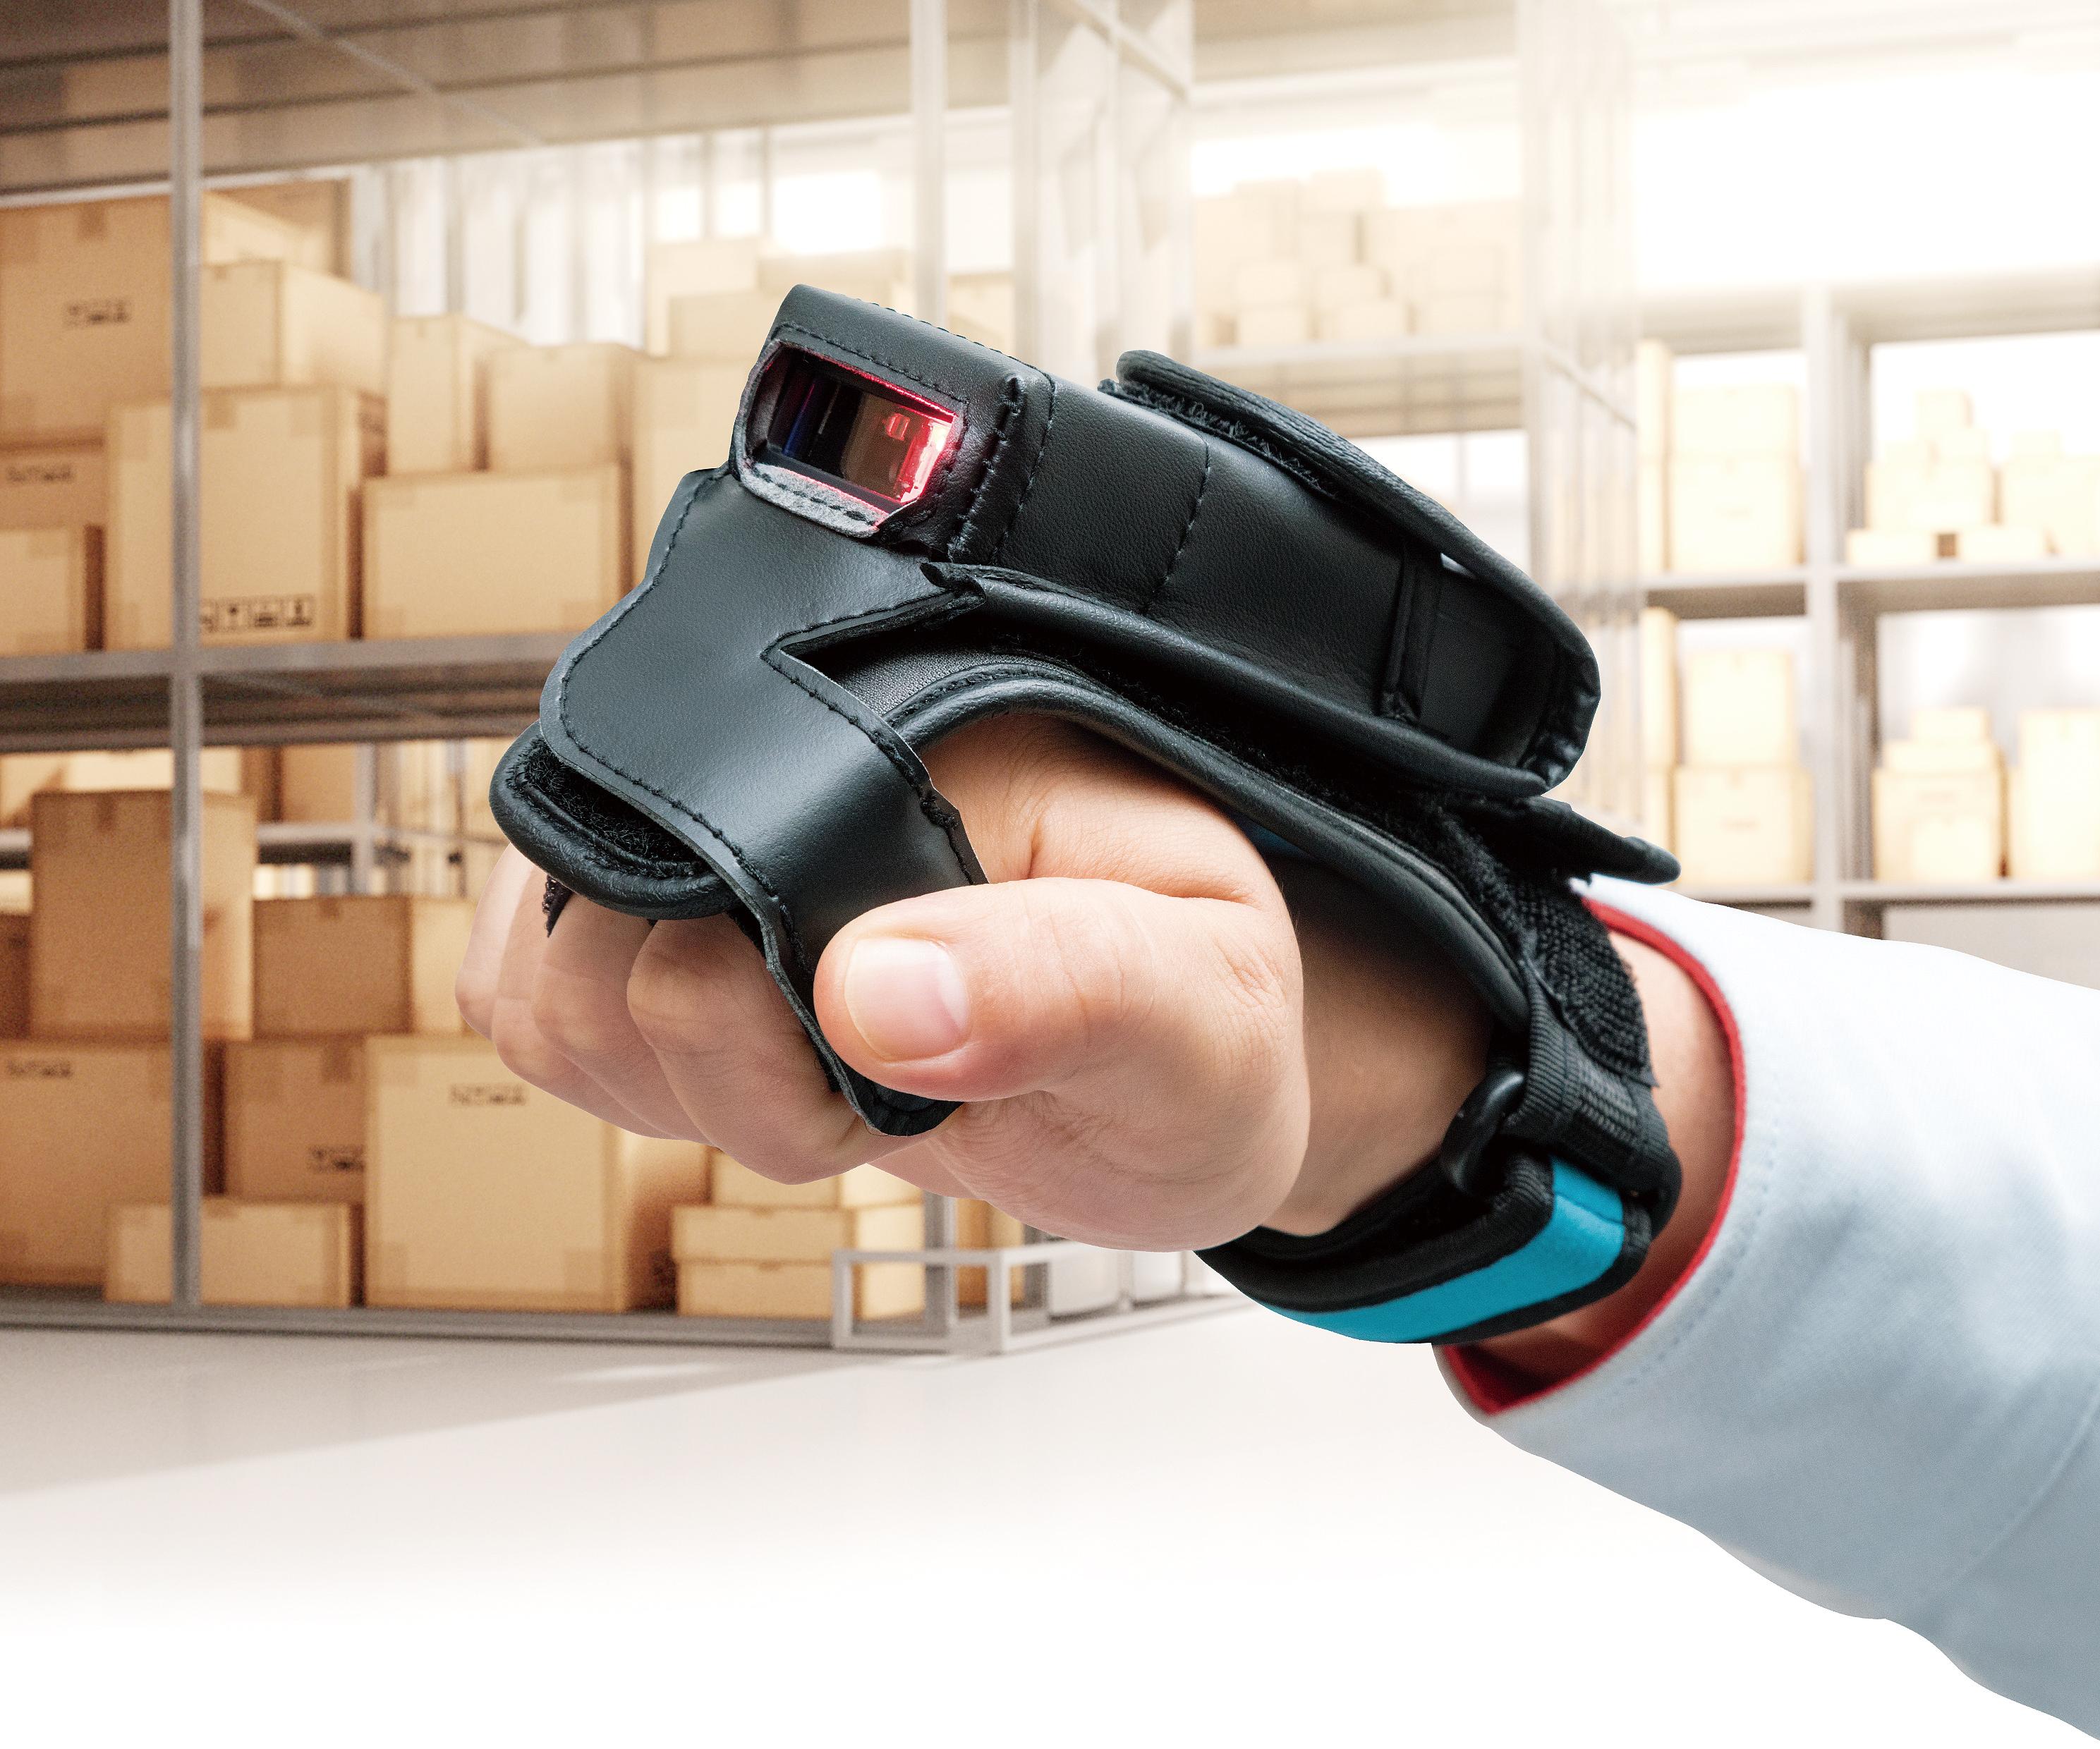 Der Akku des Handschuh-Scanners soll bis zu 24 Stunden durchhalten. (Bild: Denso Wave Europe GmbH)